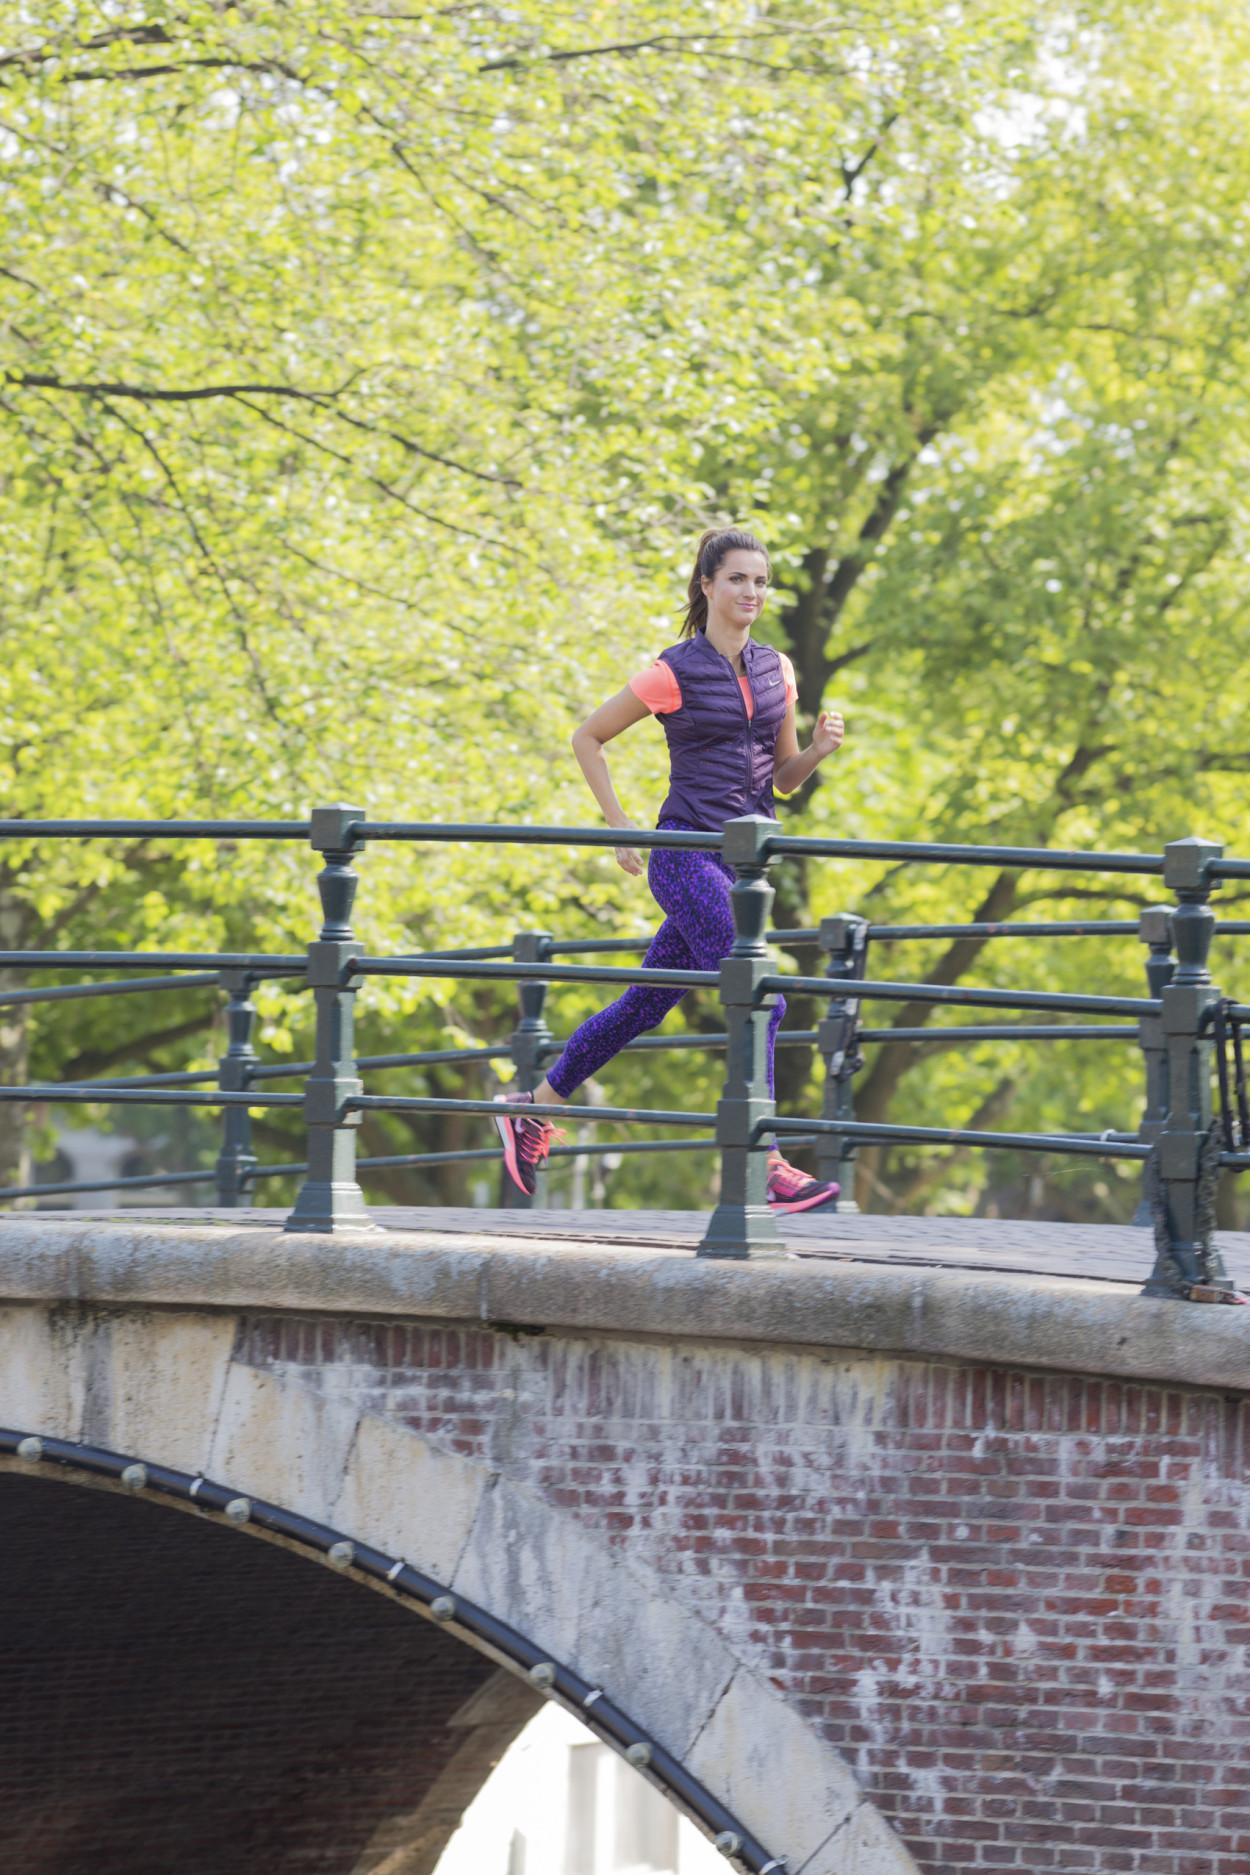 hardlopen foto i love health boek, fotografie: joshua rood, starten met hardlopen